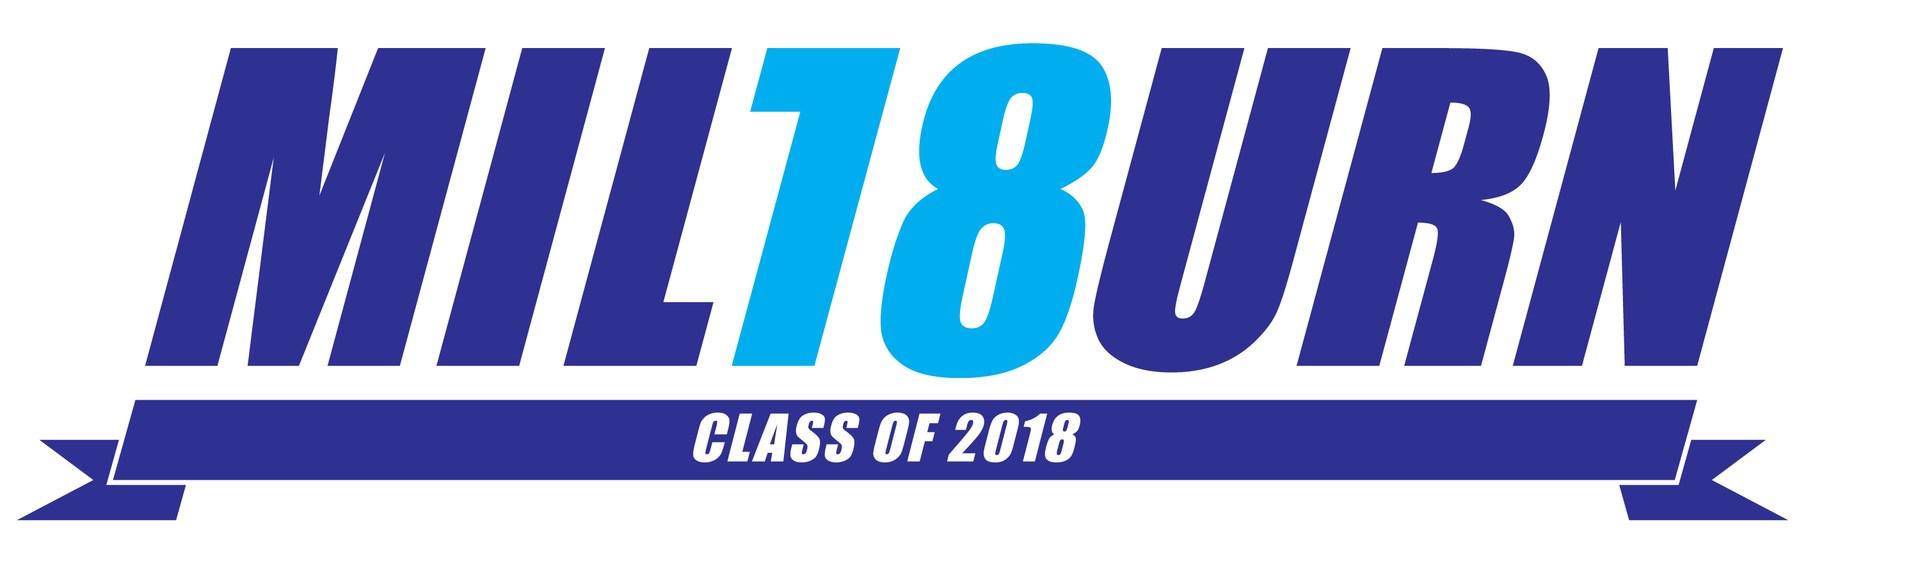 Senior Celebration 2018 logo